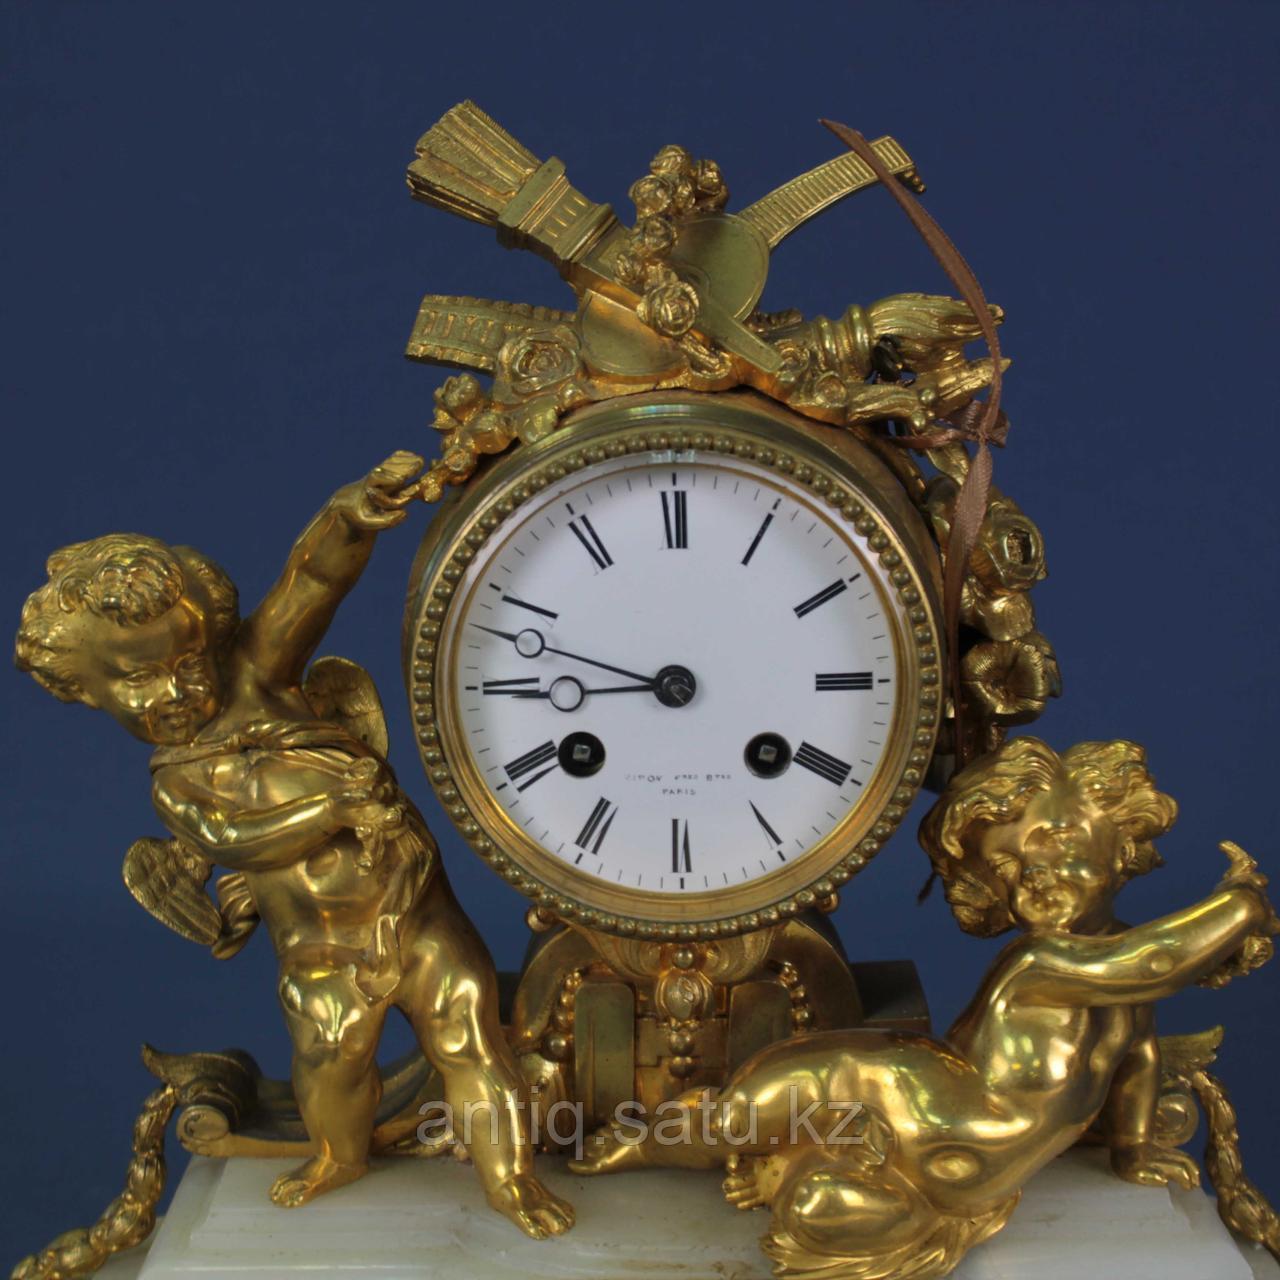 Каминные часы в стиле Людовика XVI. Часовая мастерская Miroy Freres - фото 7